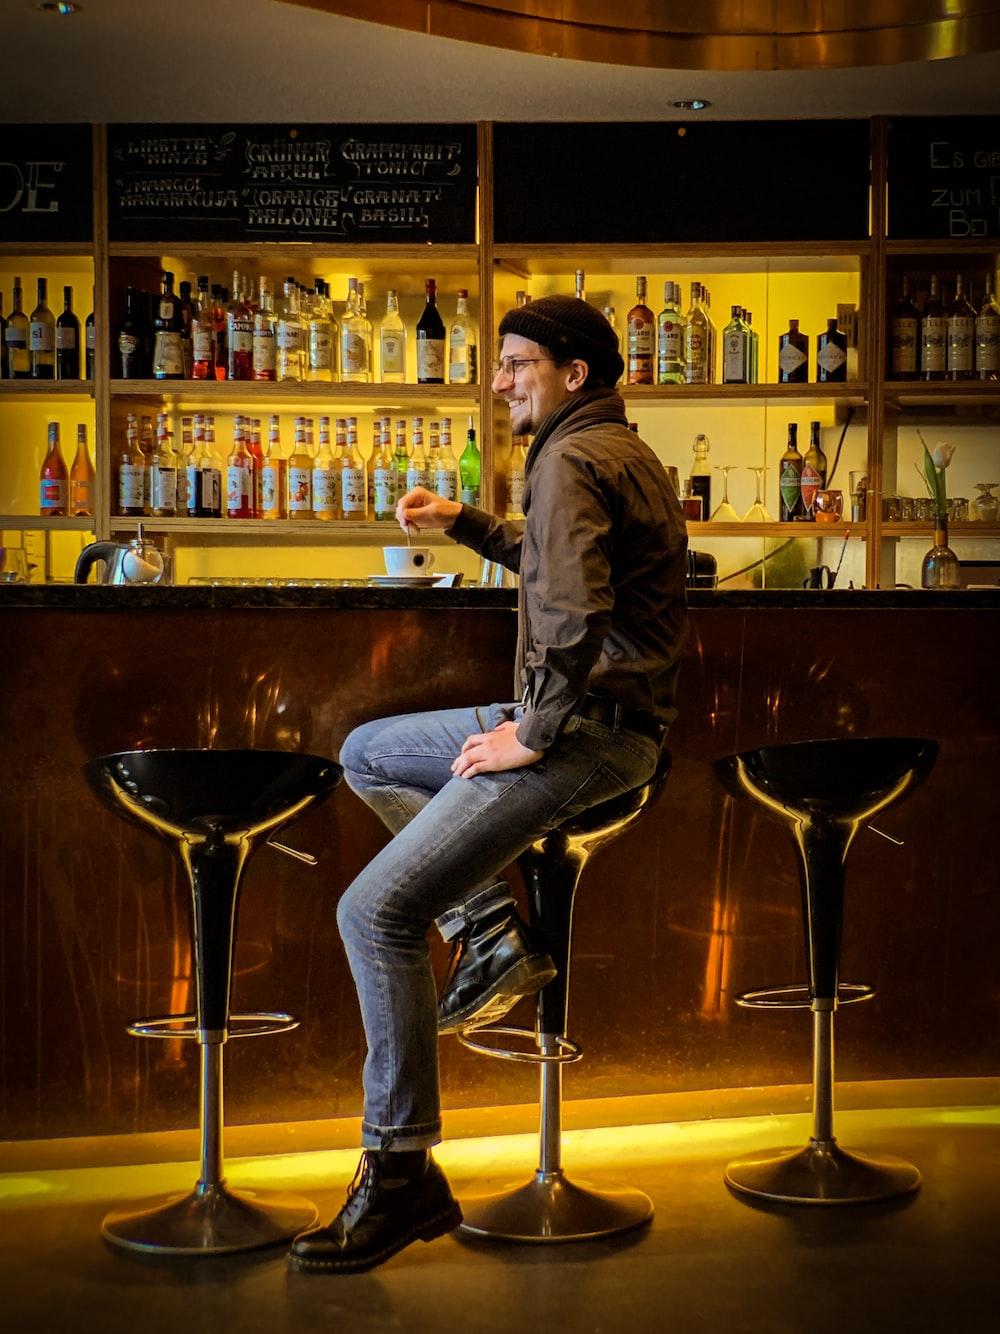 man sitting on hydraulic barstool